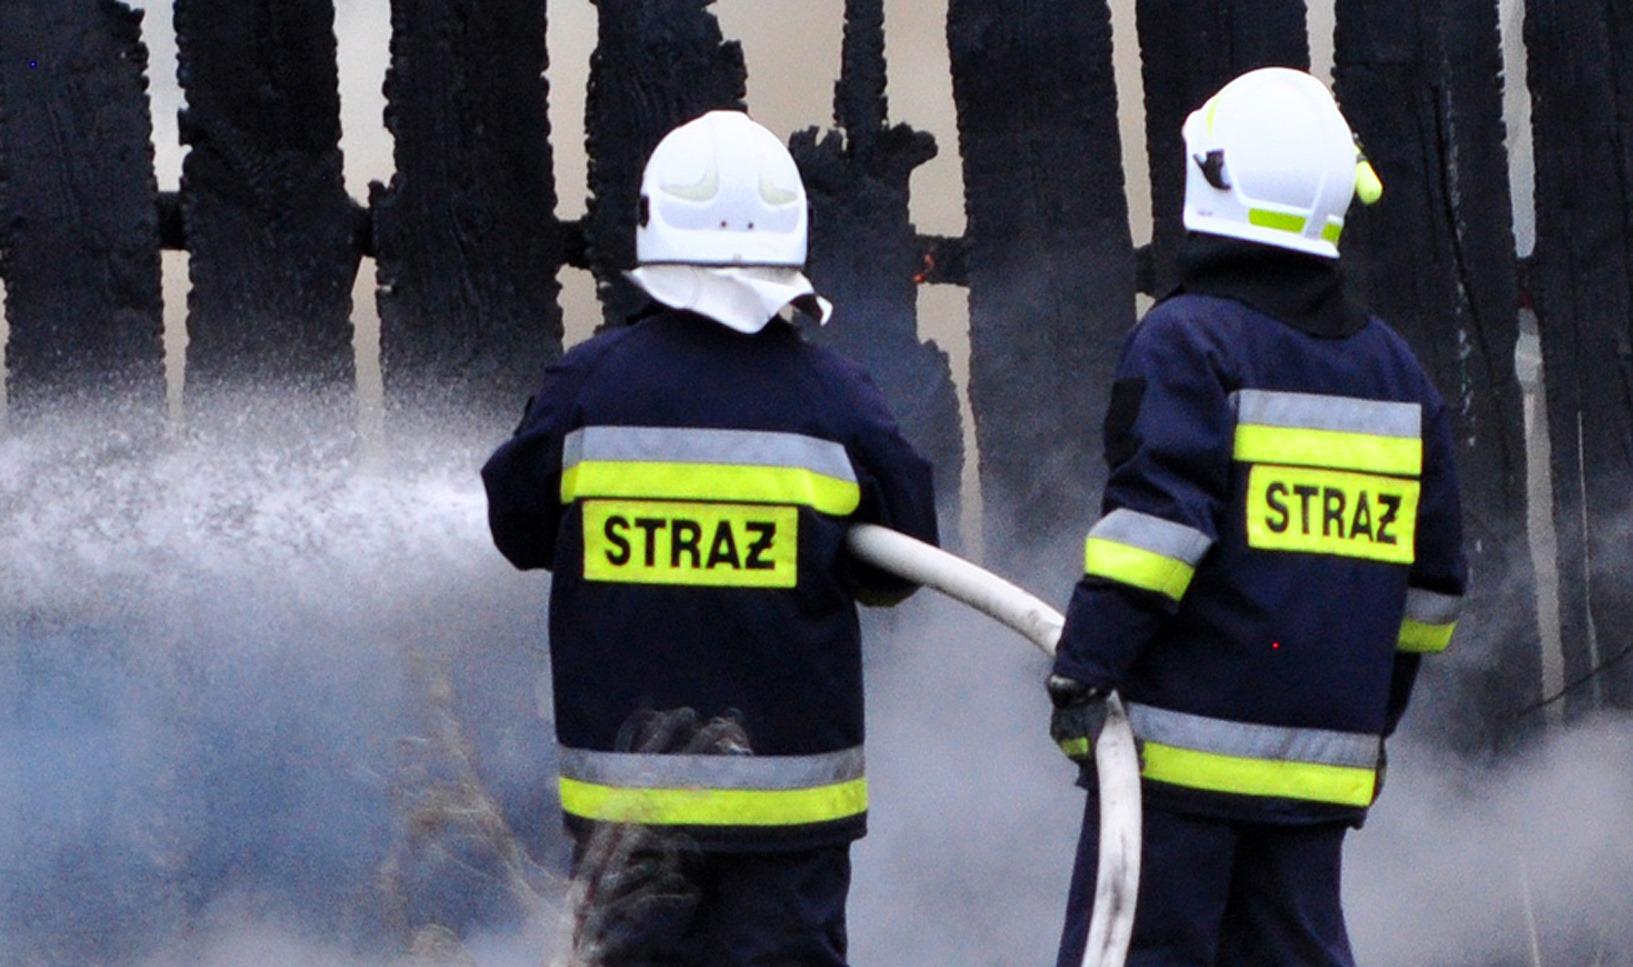 Drewniany dom stanął w ogniu. Starsza kobieta poszkodowana - Zdjęcie główne